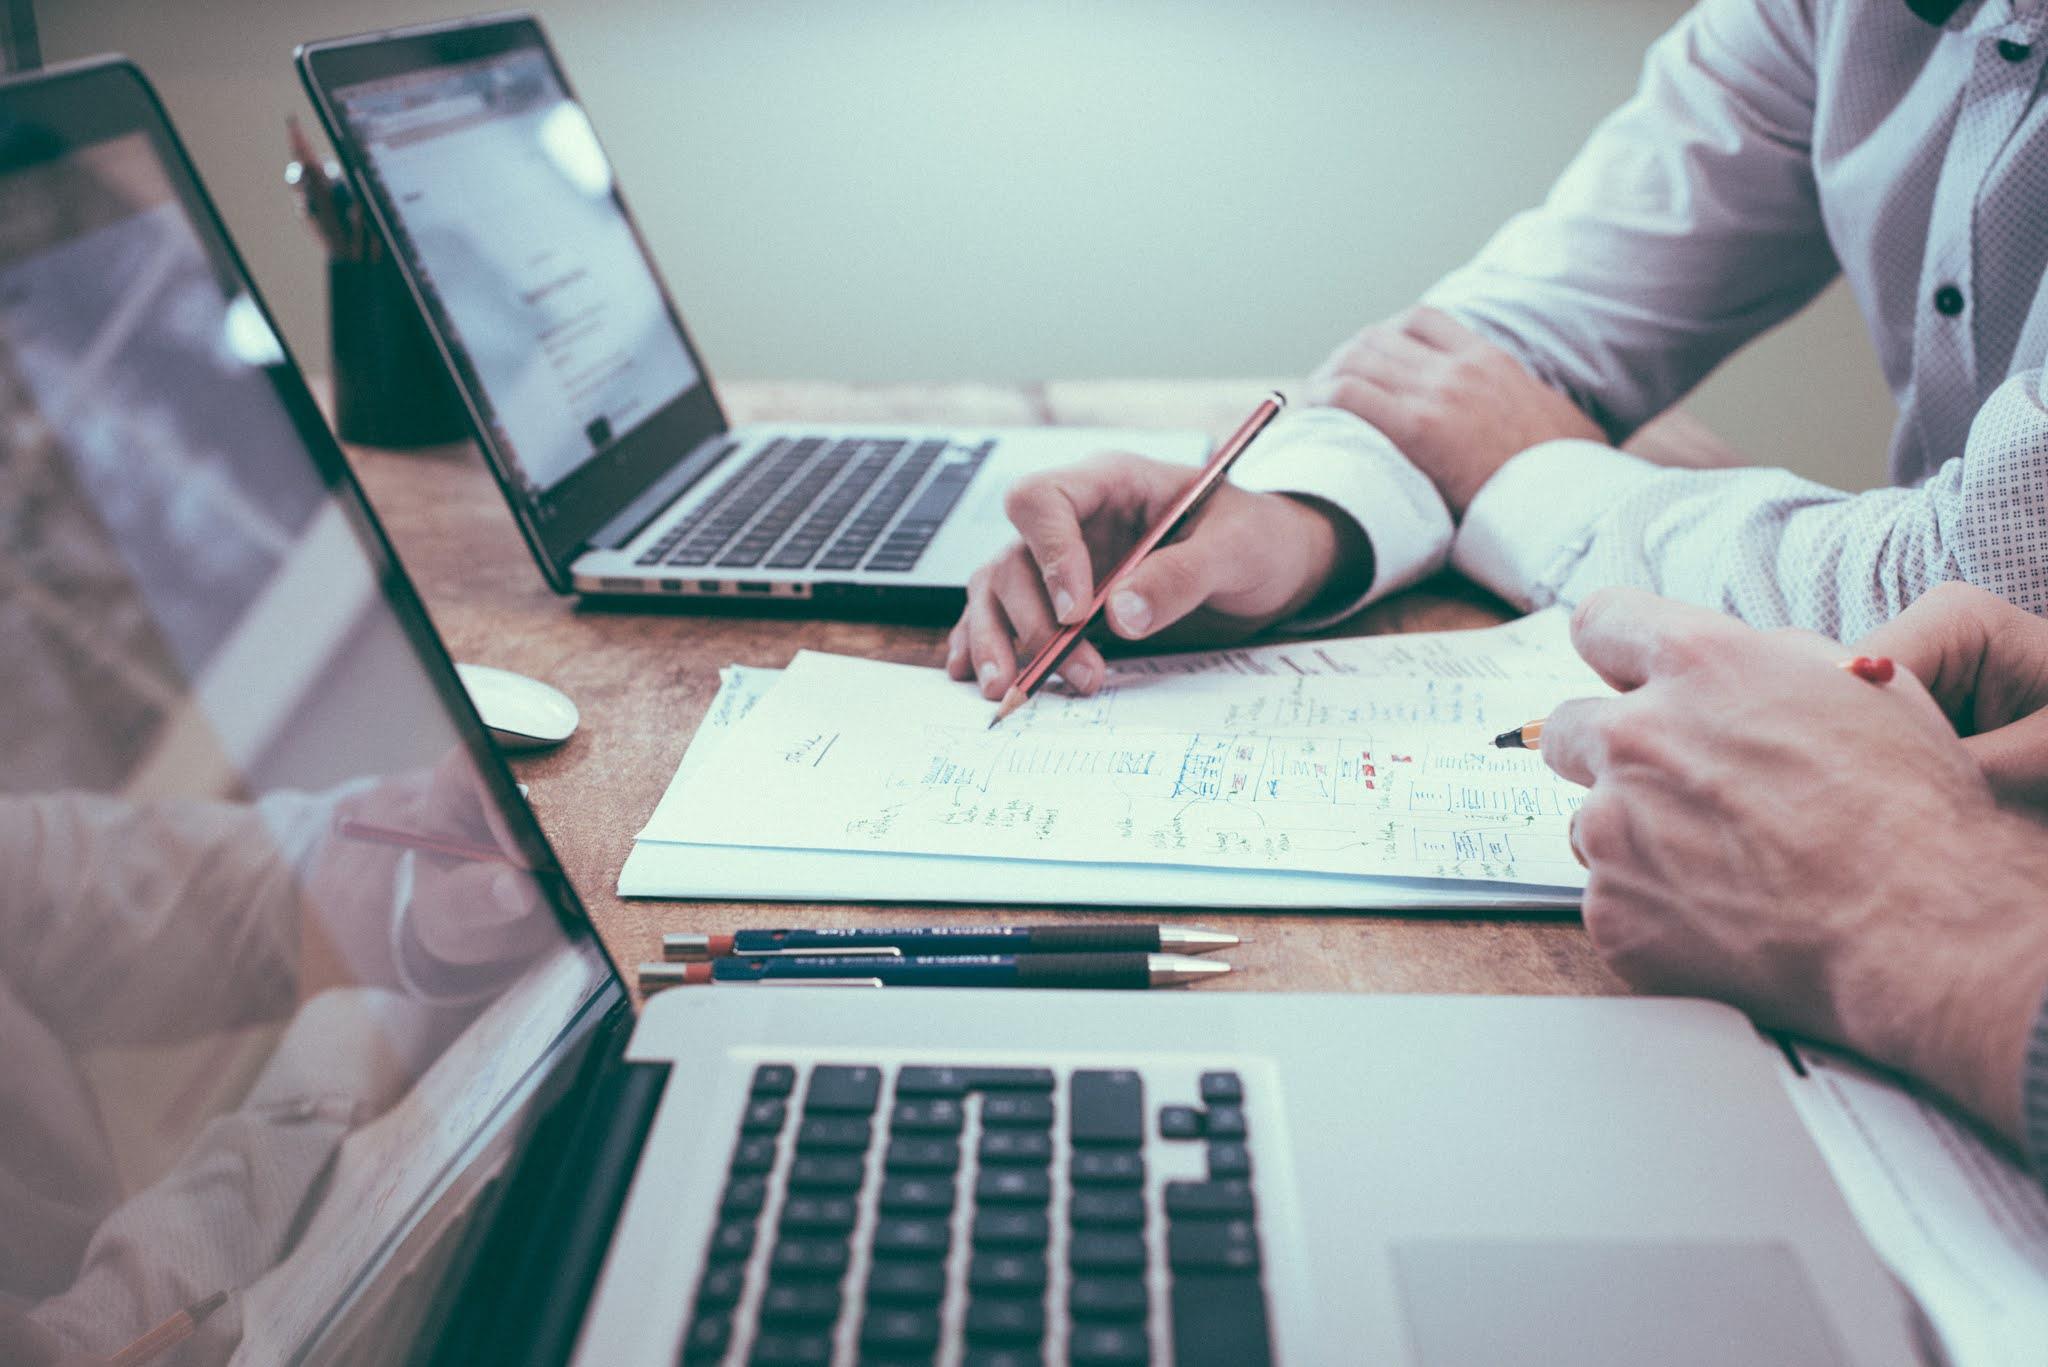 Ingin memulai bisnis sendiri, tetapi kurang modal dan tidak memiliki banyak  waktu? Cobalah untuk membangun bisnis secara online.